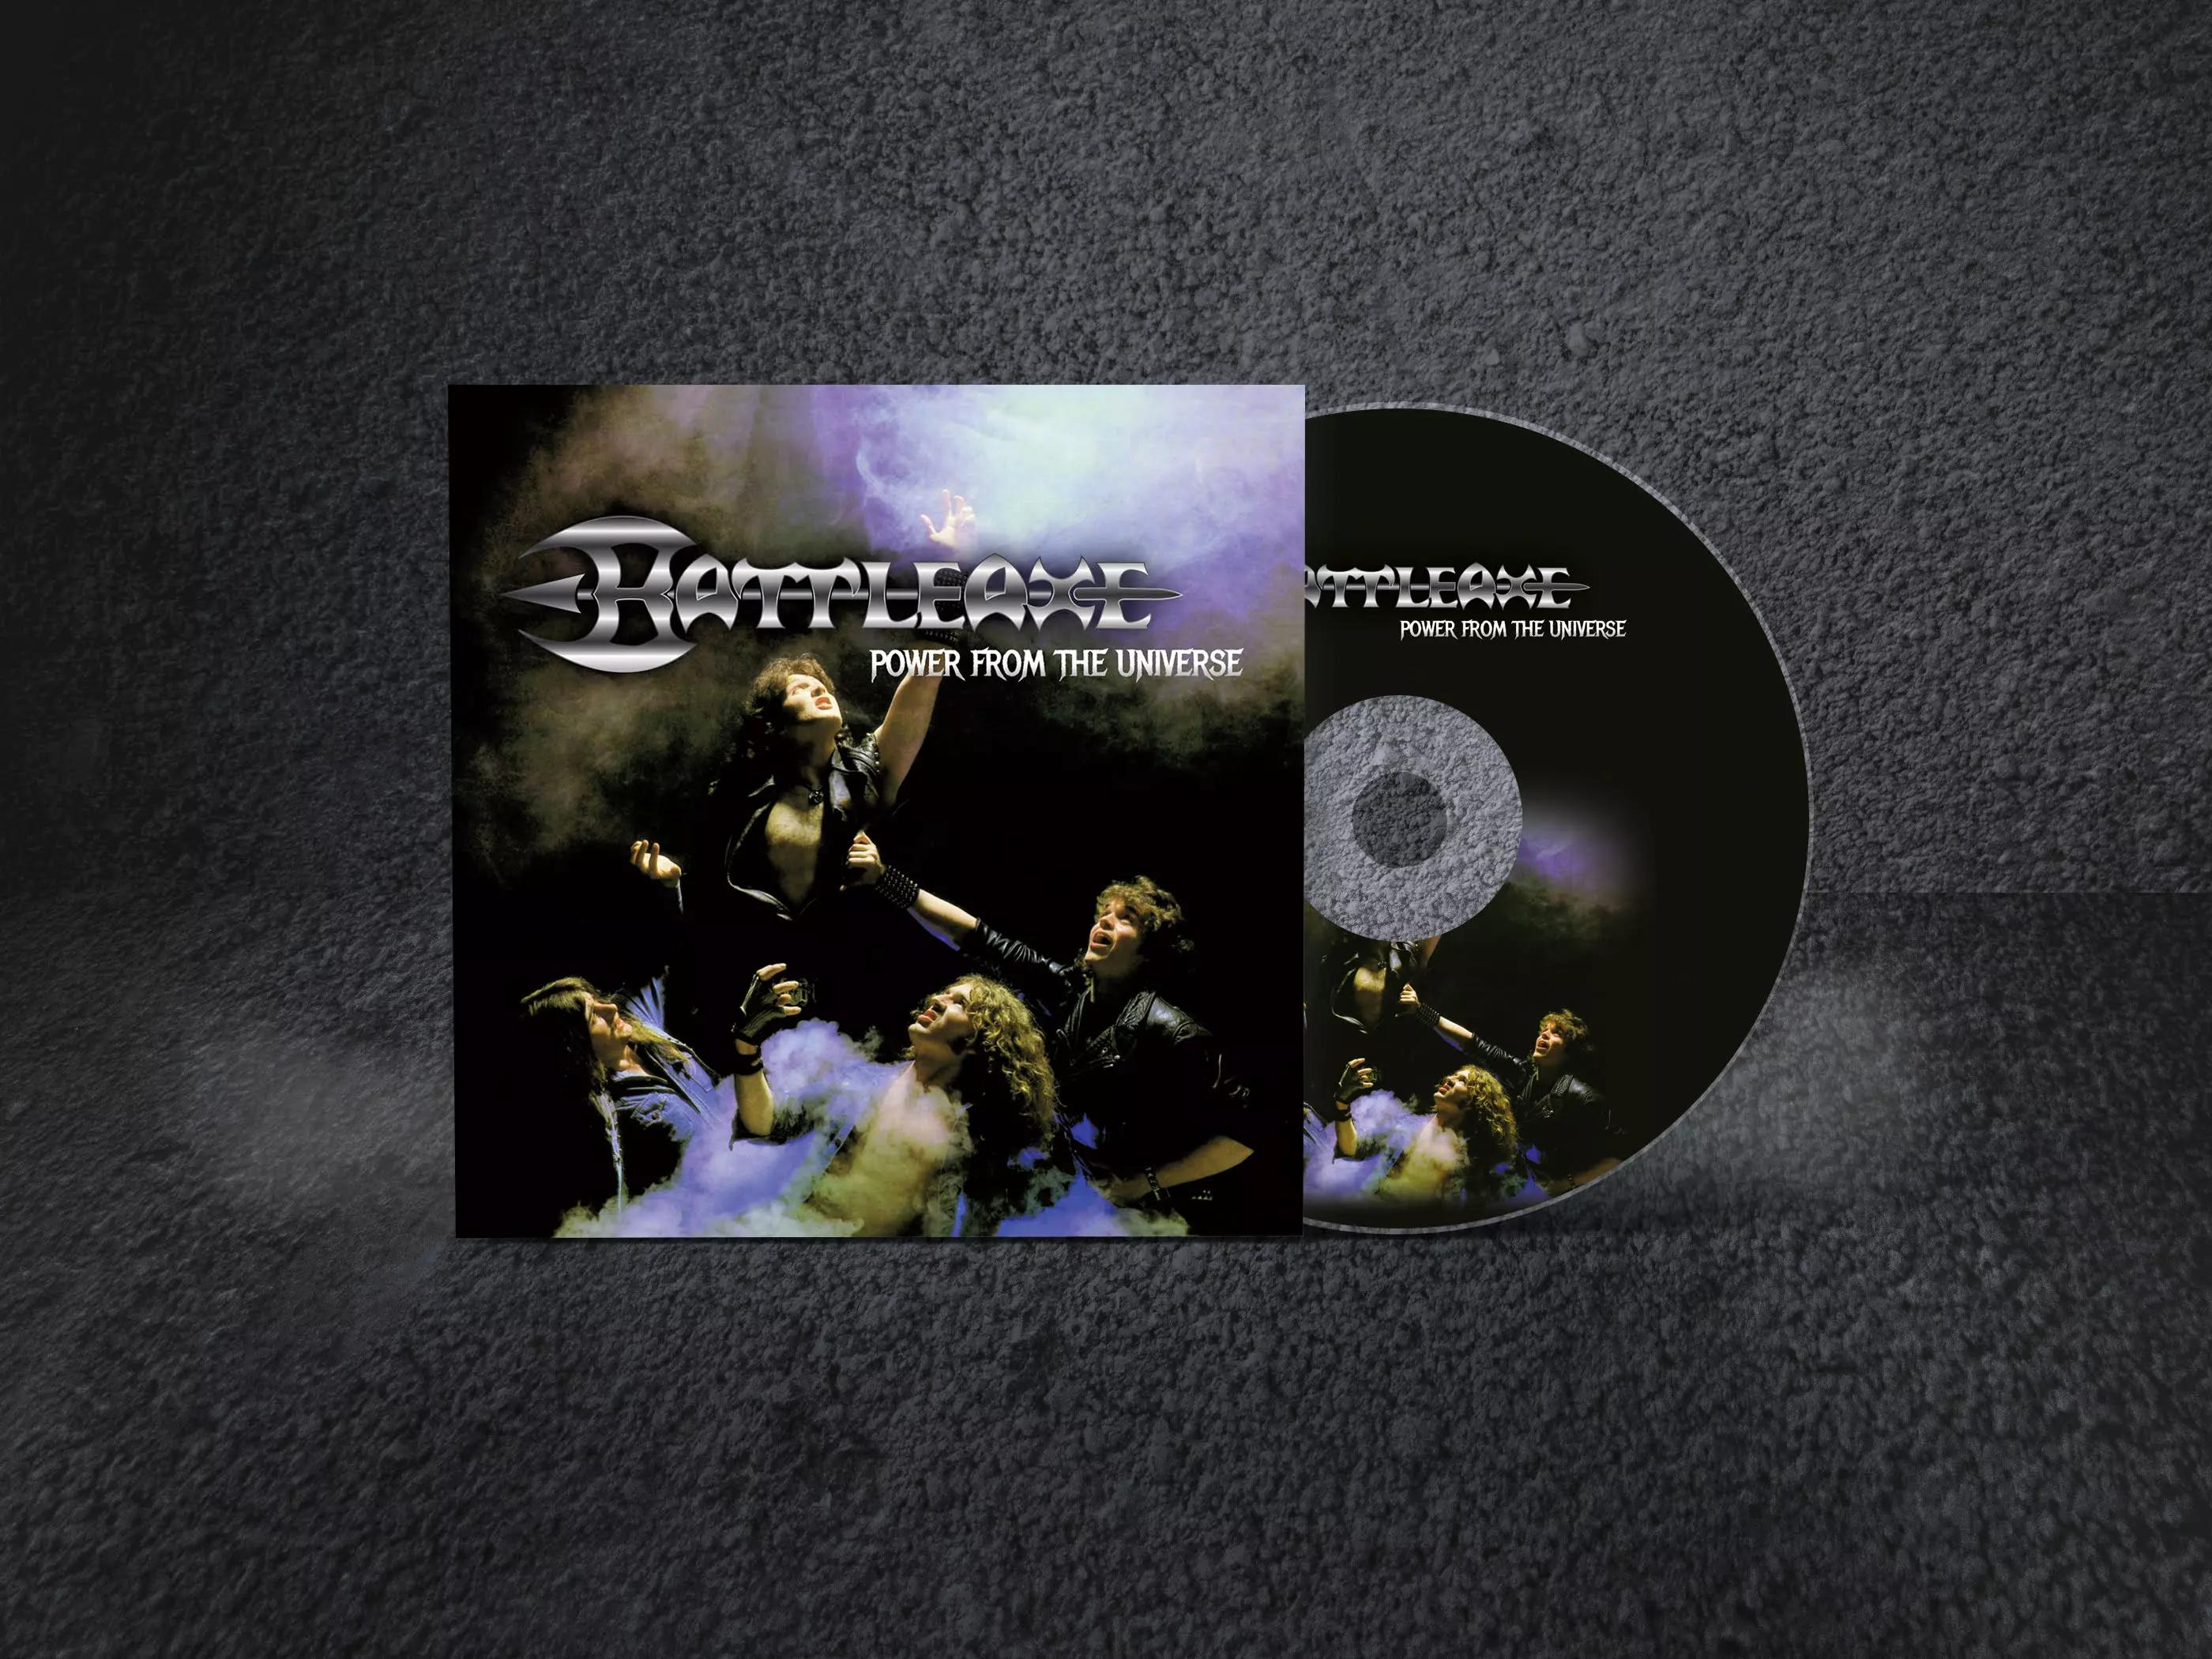 Battle-axe Digipak CD cover design